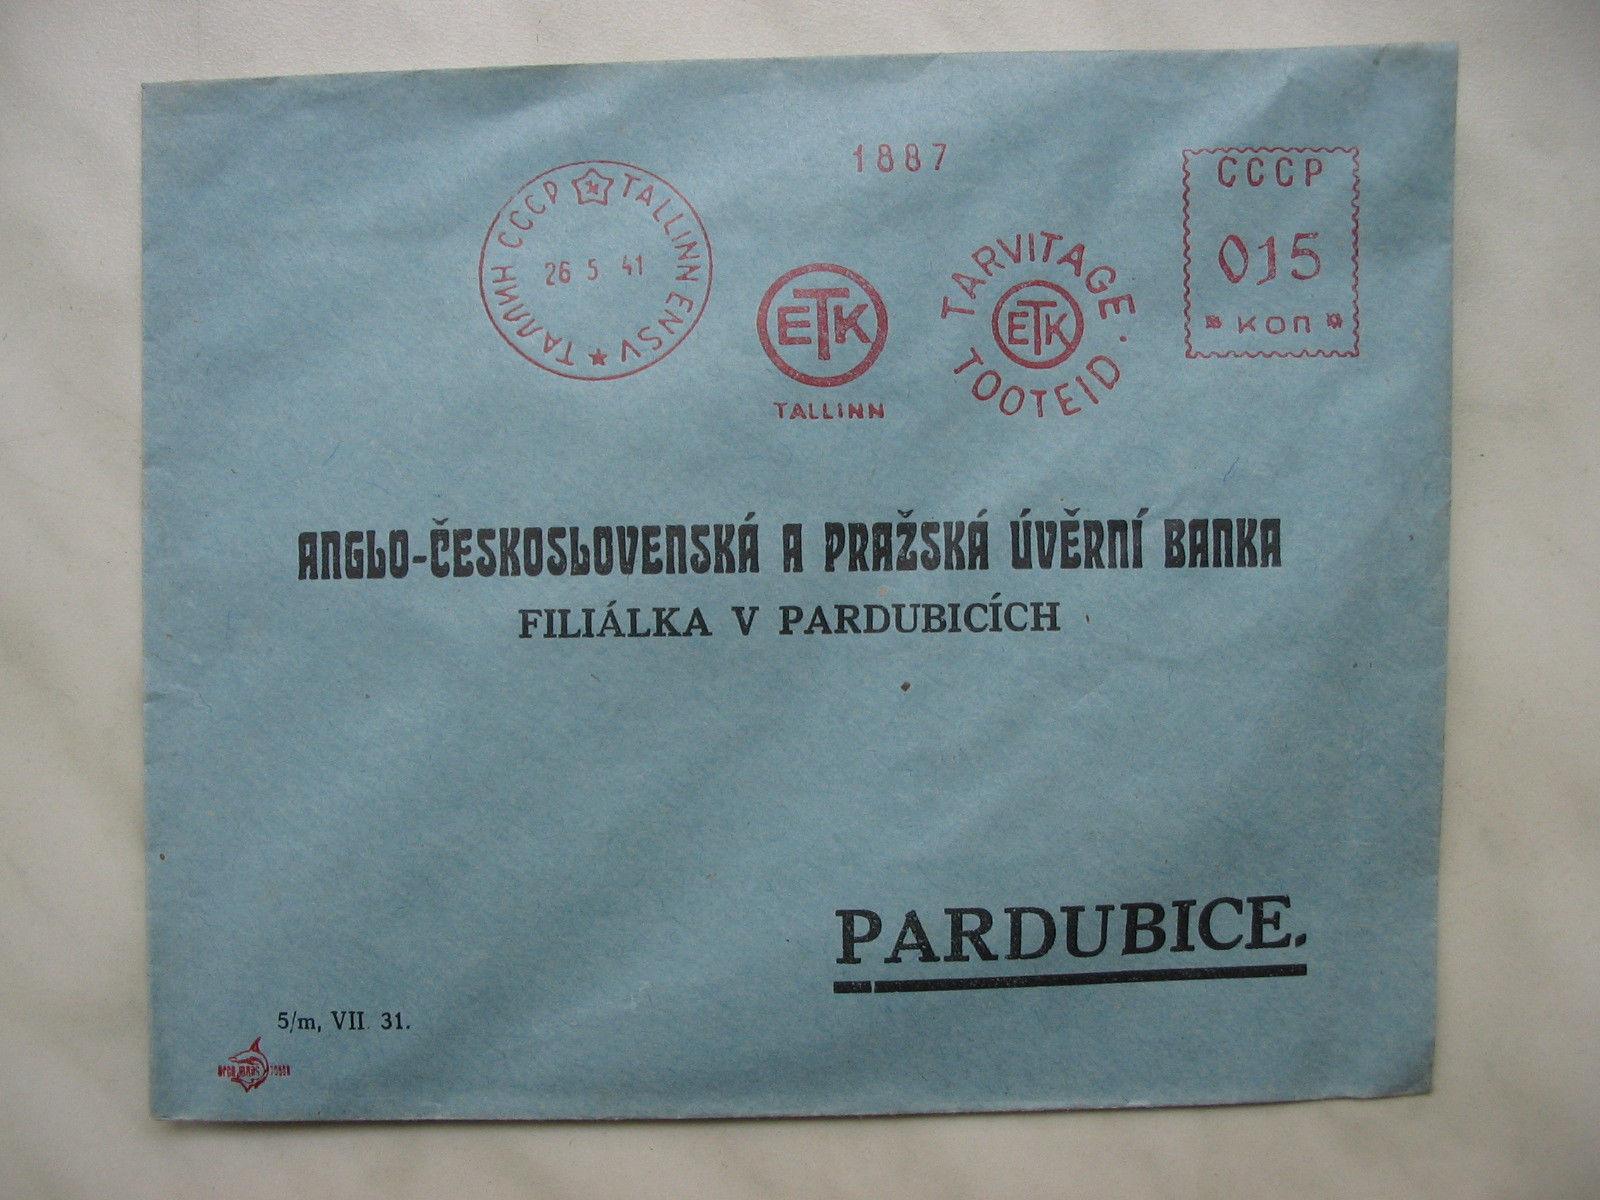 Võlts ETK 1941 franko, müüdud 2014 eBays $154